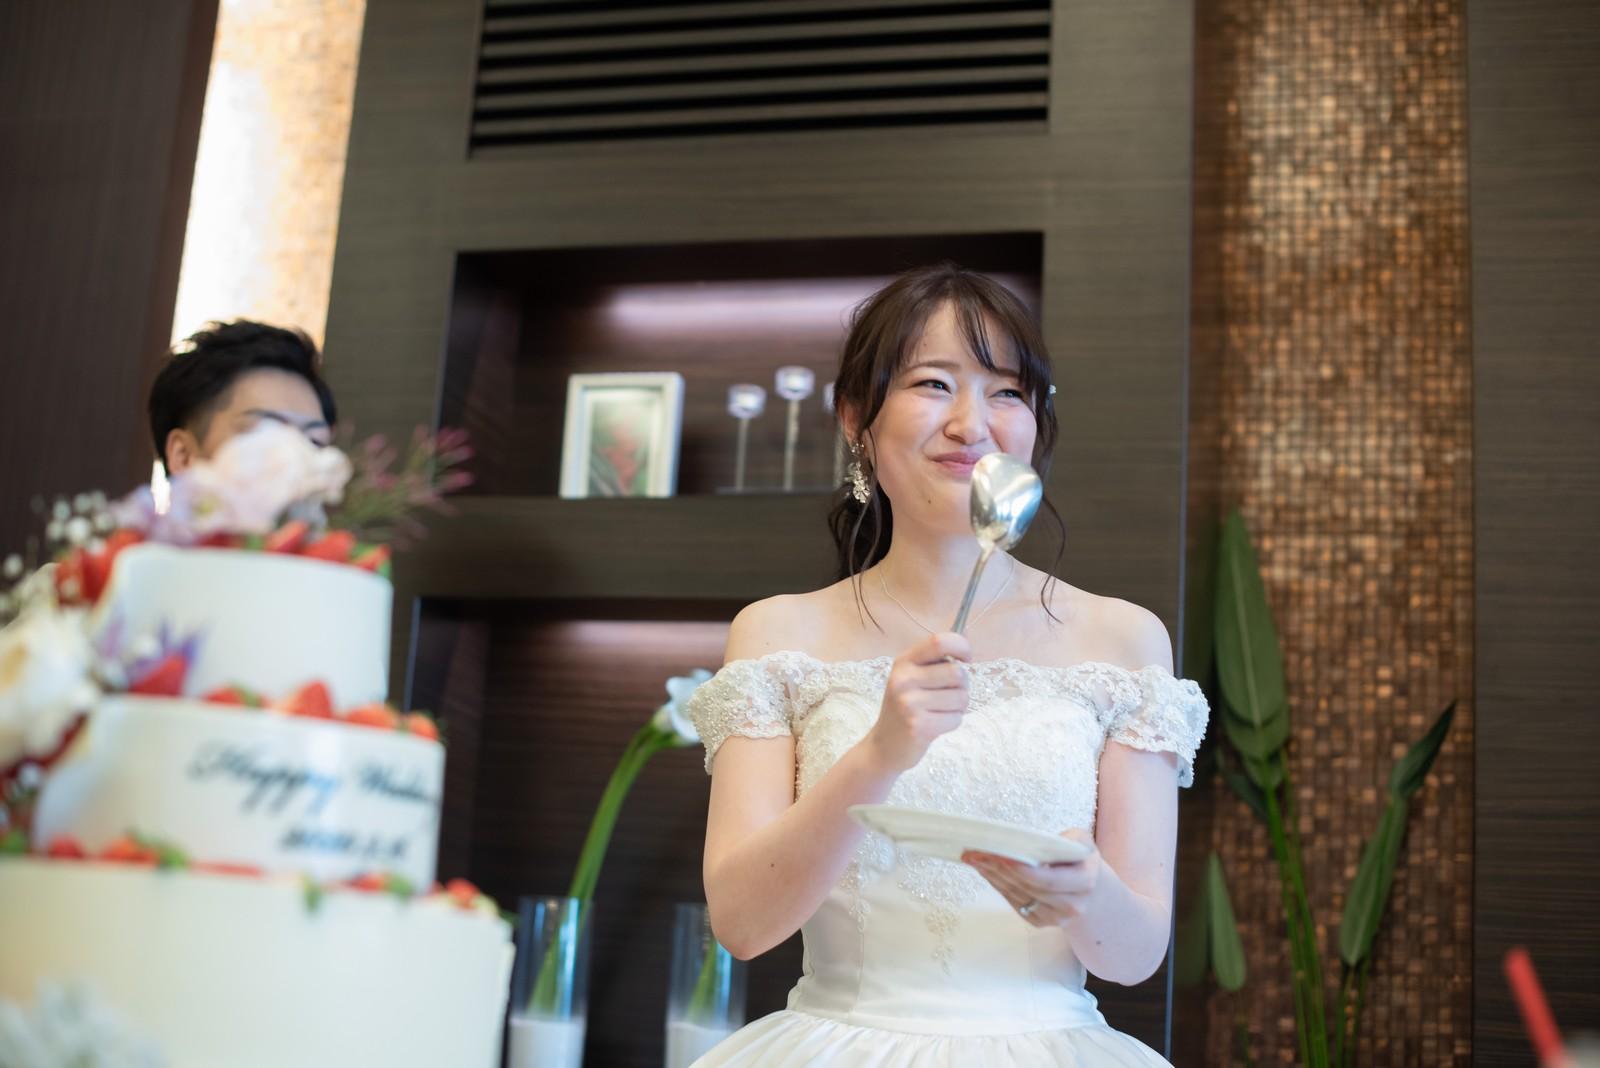 徳島県の結婚式場ブランアンジュでファーストバイトの準備をする新婦